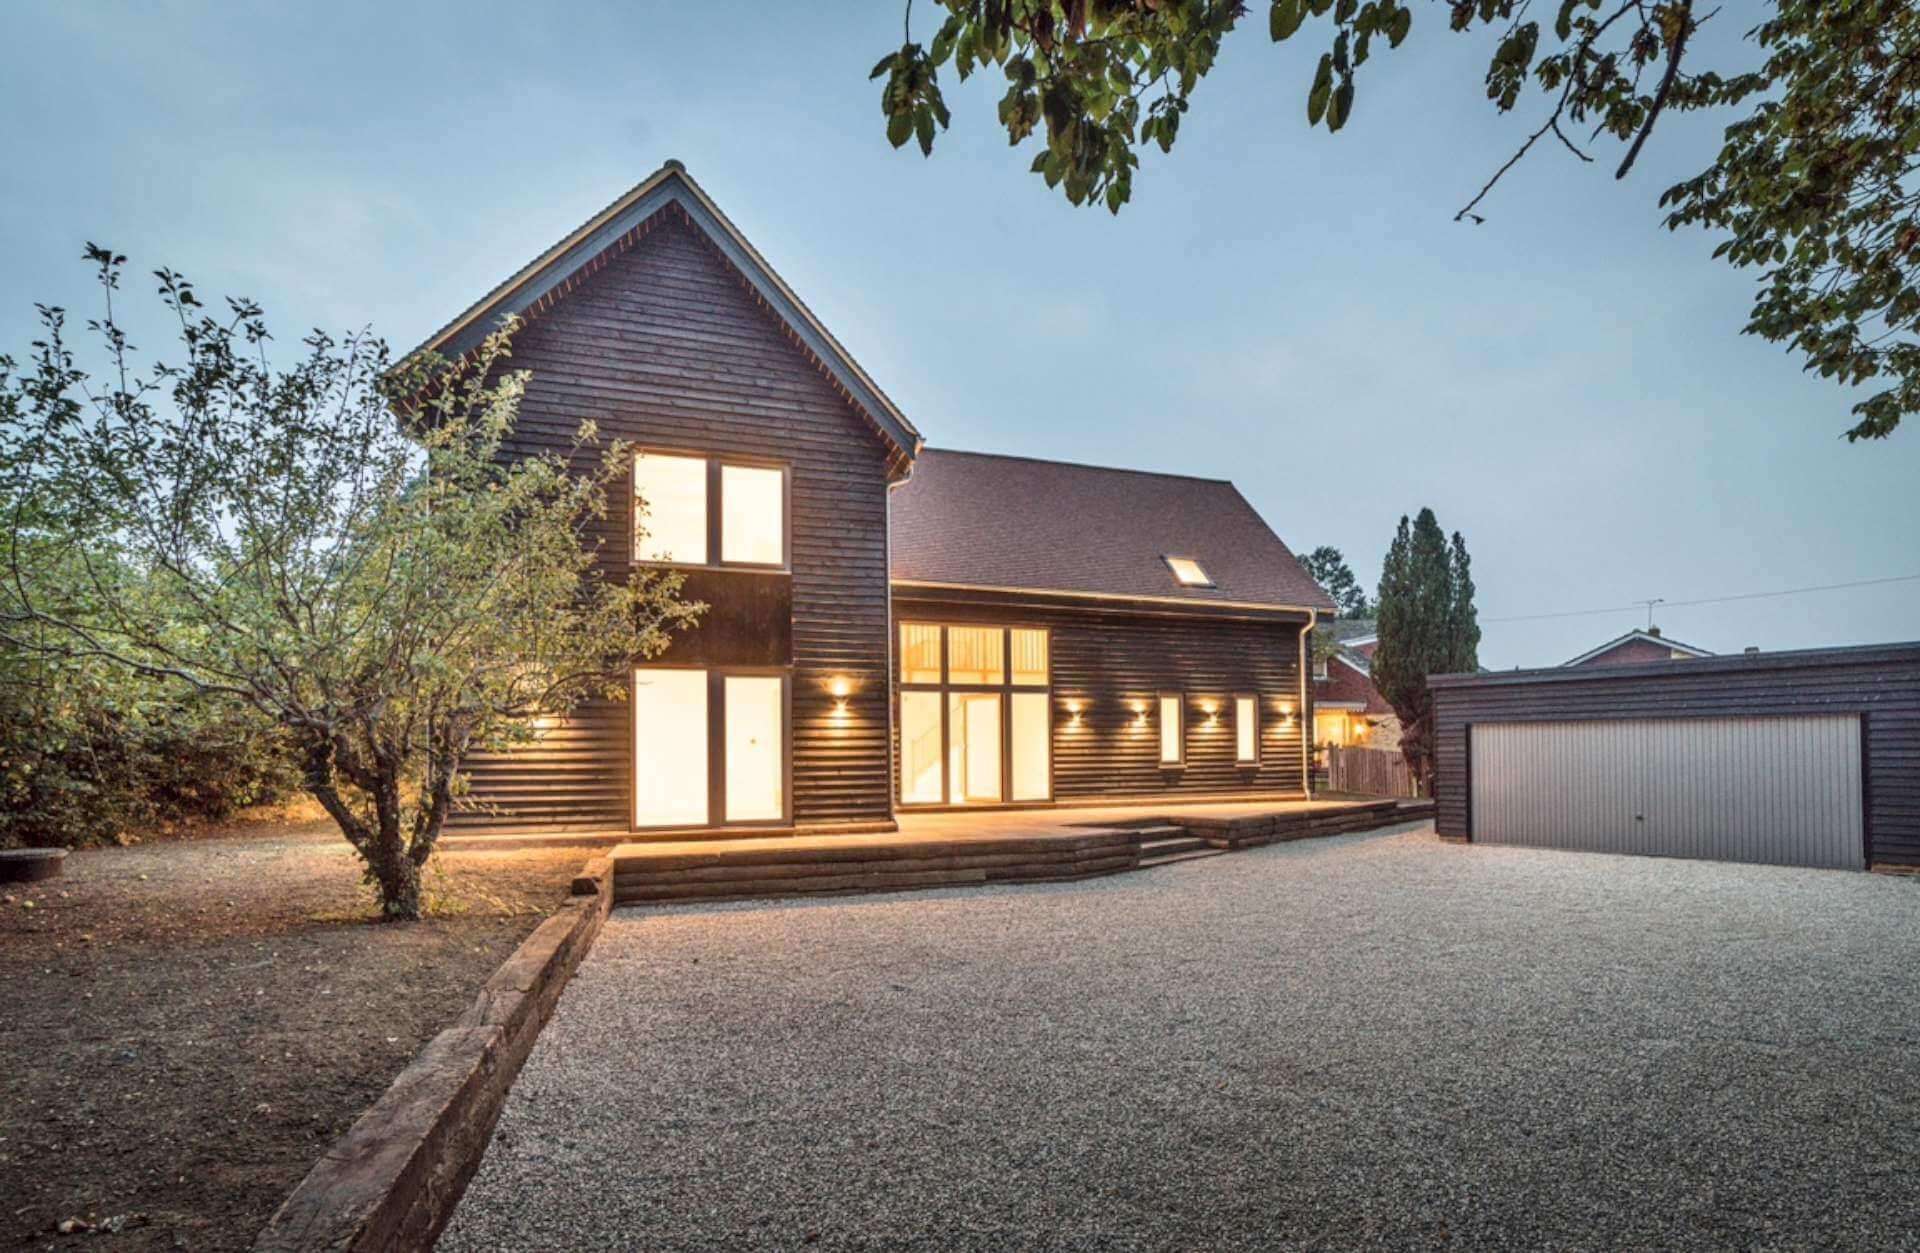 Bespoke-Log-Cabins-in-Kent